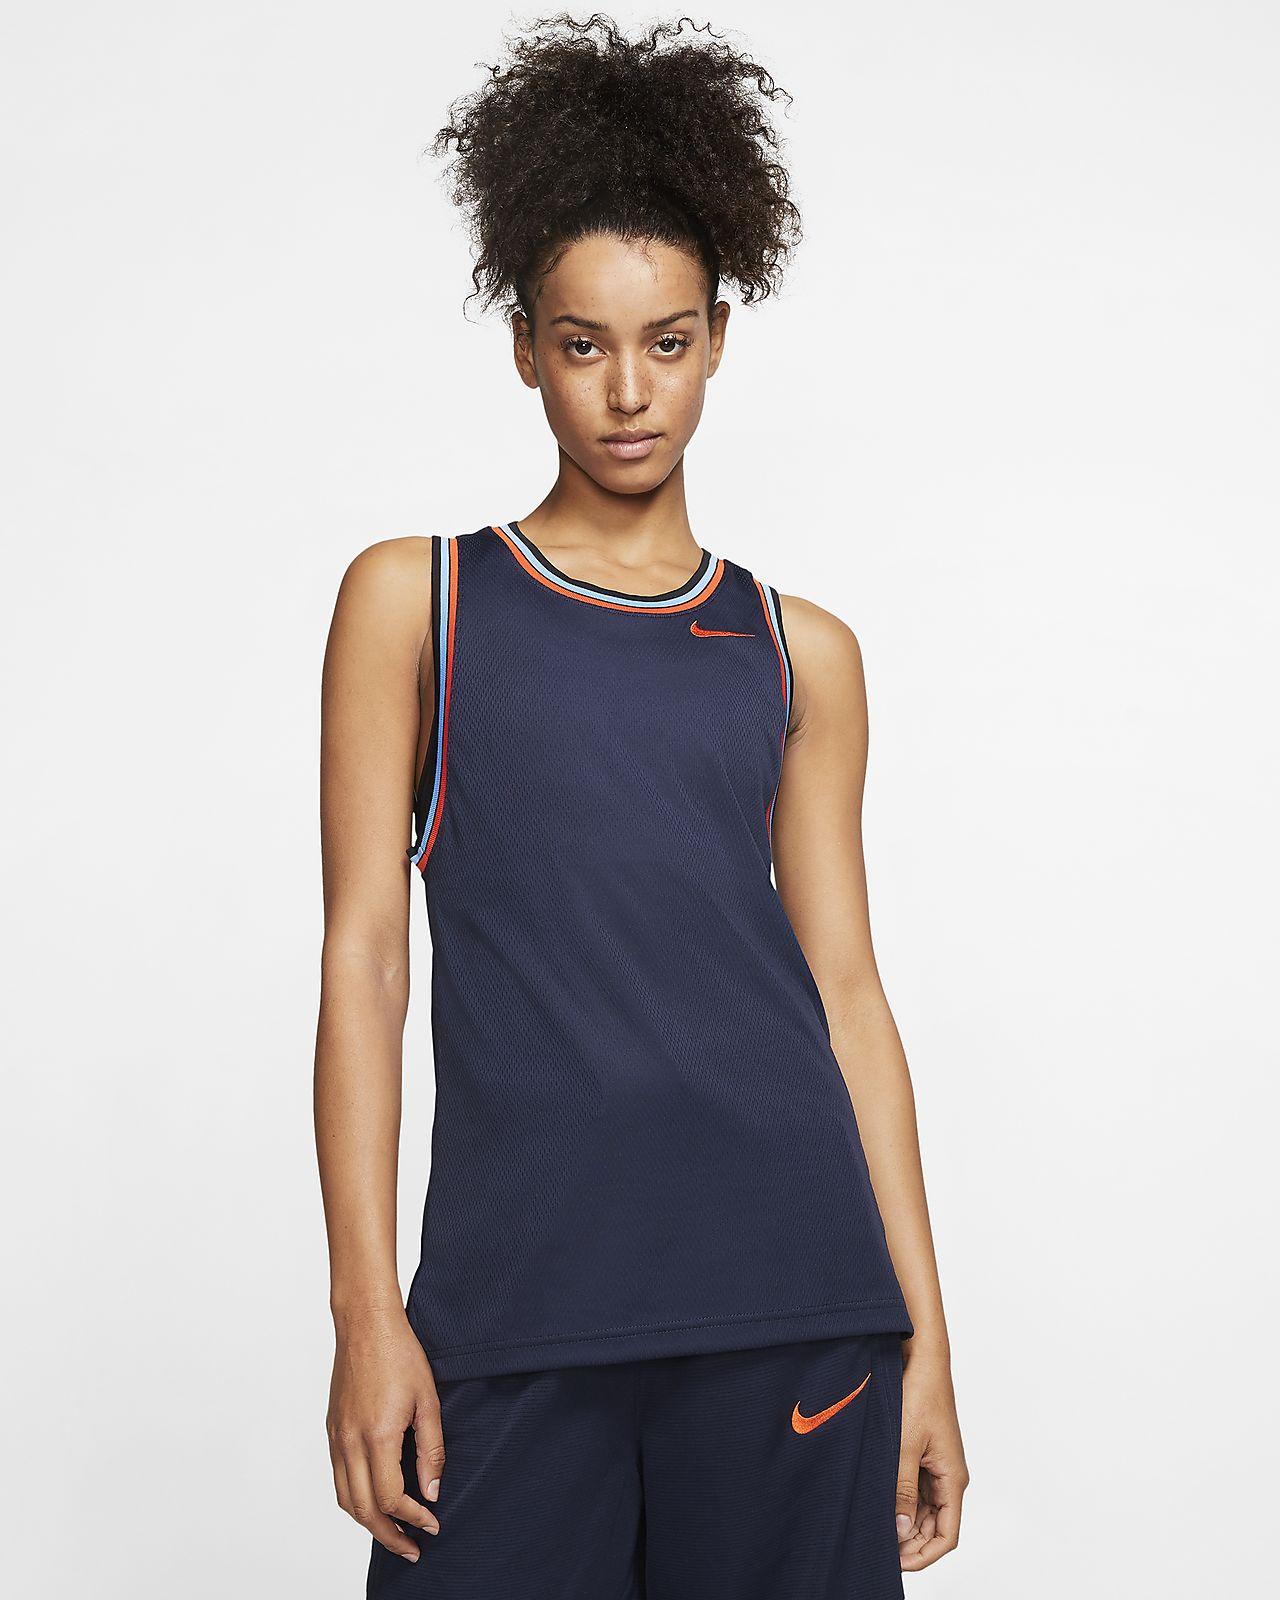 Nike Dri-FIT Basketbaltop zonder mouwen voor dames